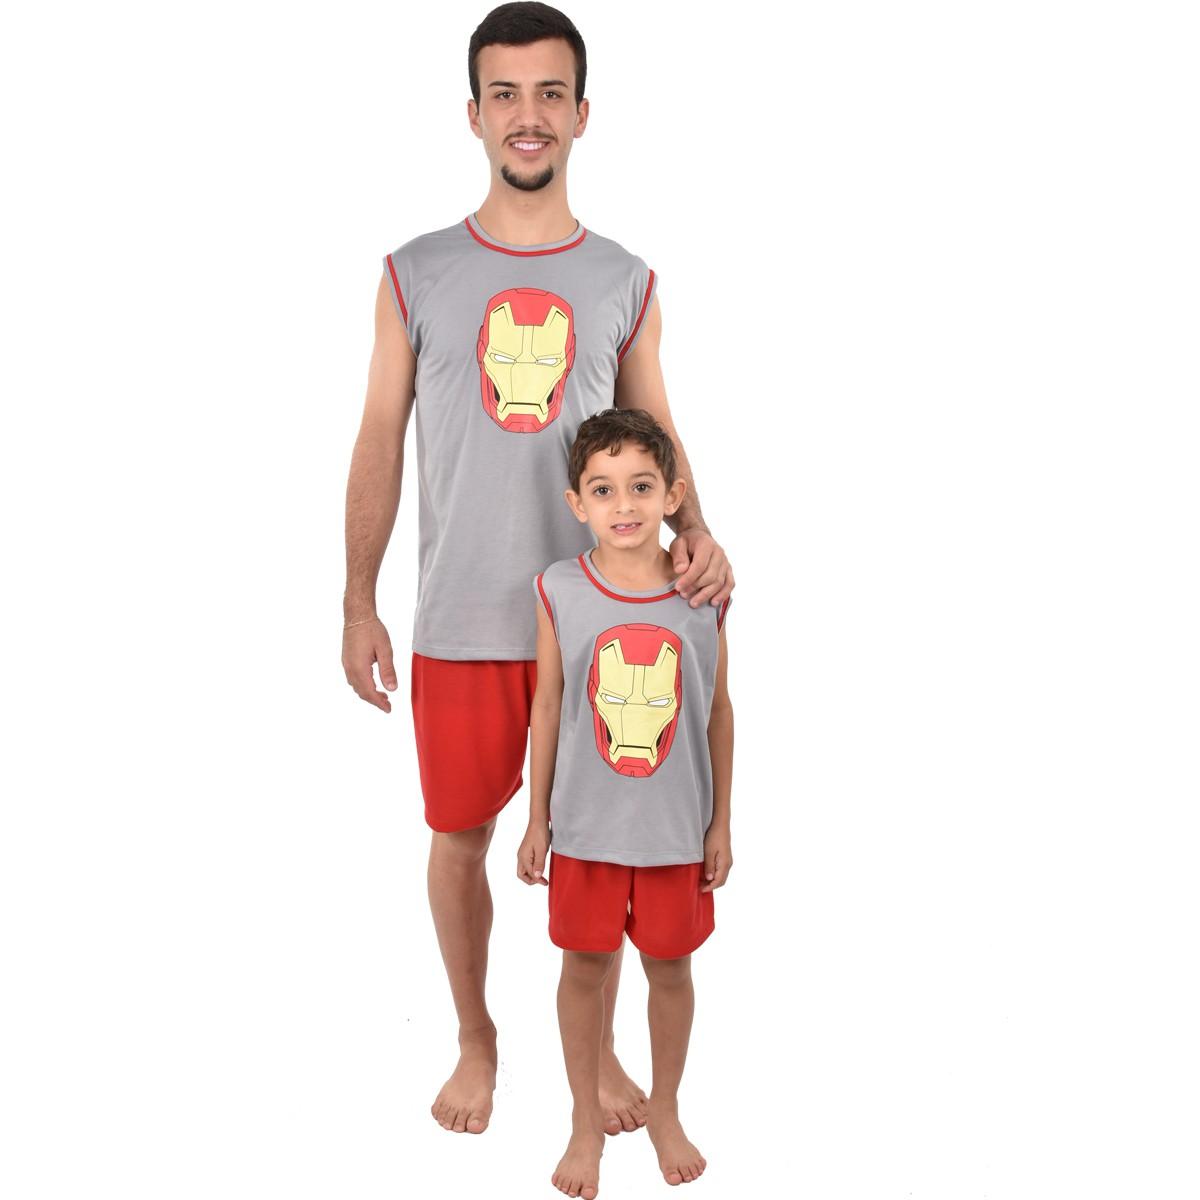 Pijama Regata Short Masculino Adulto Homem de Ferro Vingadores Ref 355